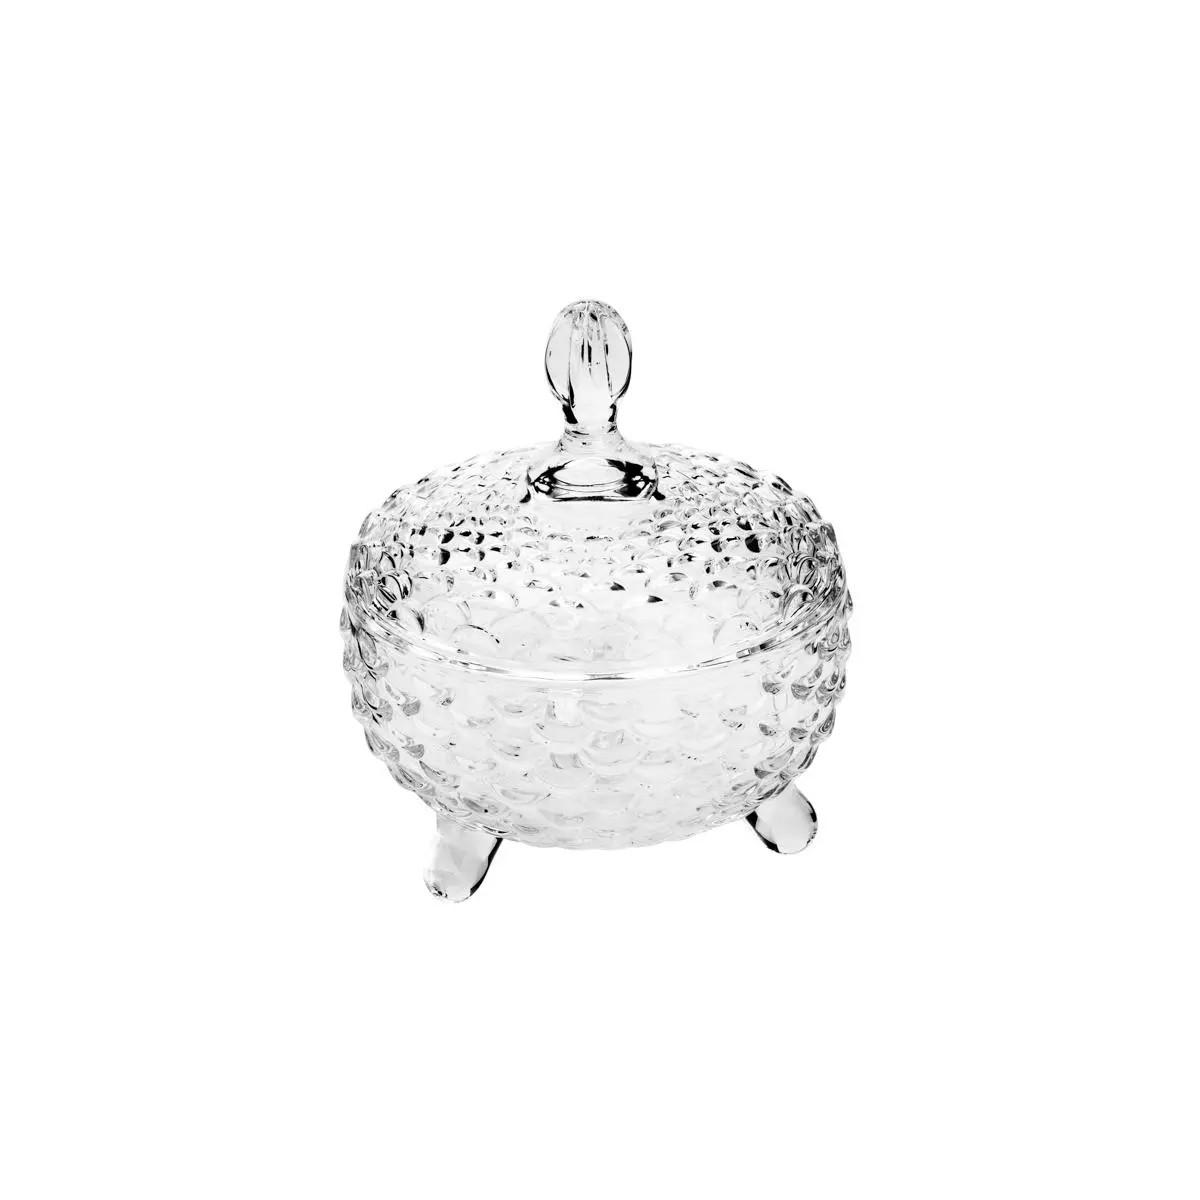 Potiche Decorativo com Pe de Cristal de Cumbo Pineapple  - Lemis